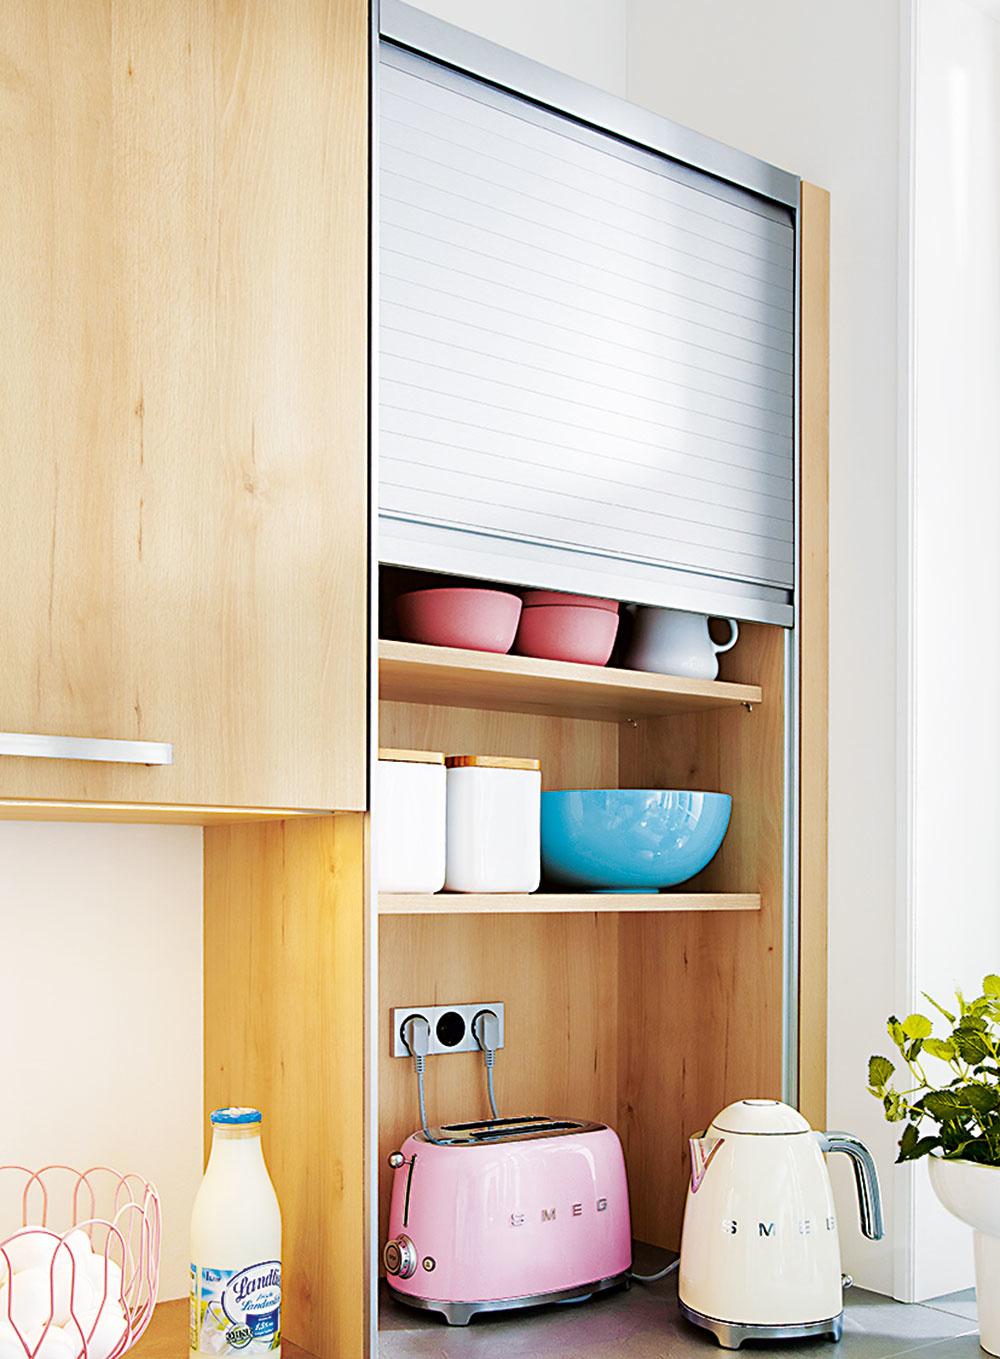 Šikovným riešením nielen do minimalistickej kuchyne môžu byť police s roletkou. Ak za ňu ukryjete menšie spotrebiče (aj s prívodom energie), budete ich mať neustále poruke a kuchyňa bude pôsobiť opticky čisto. Viac na www.schueller.de.